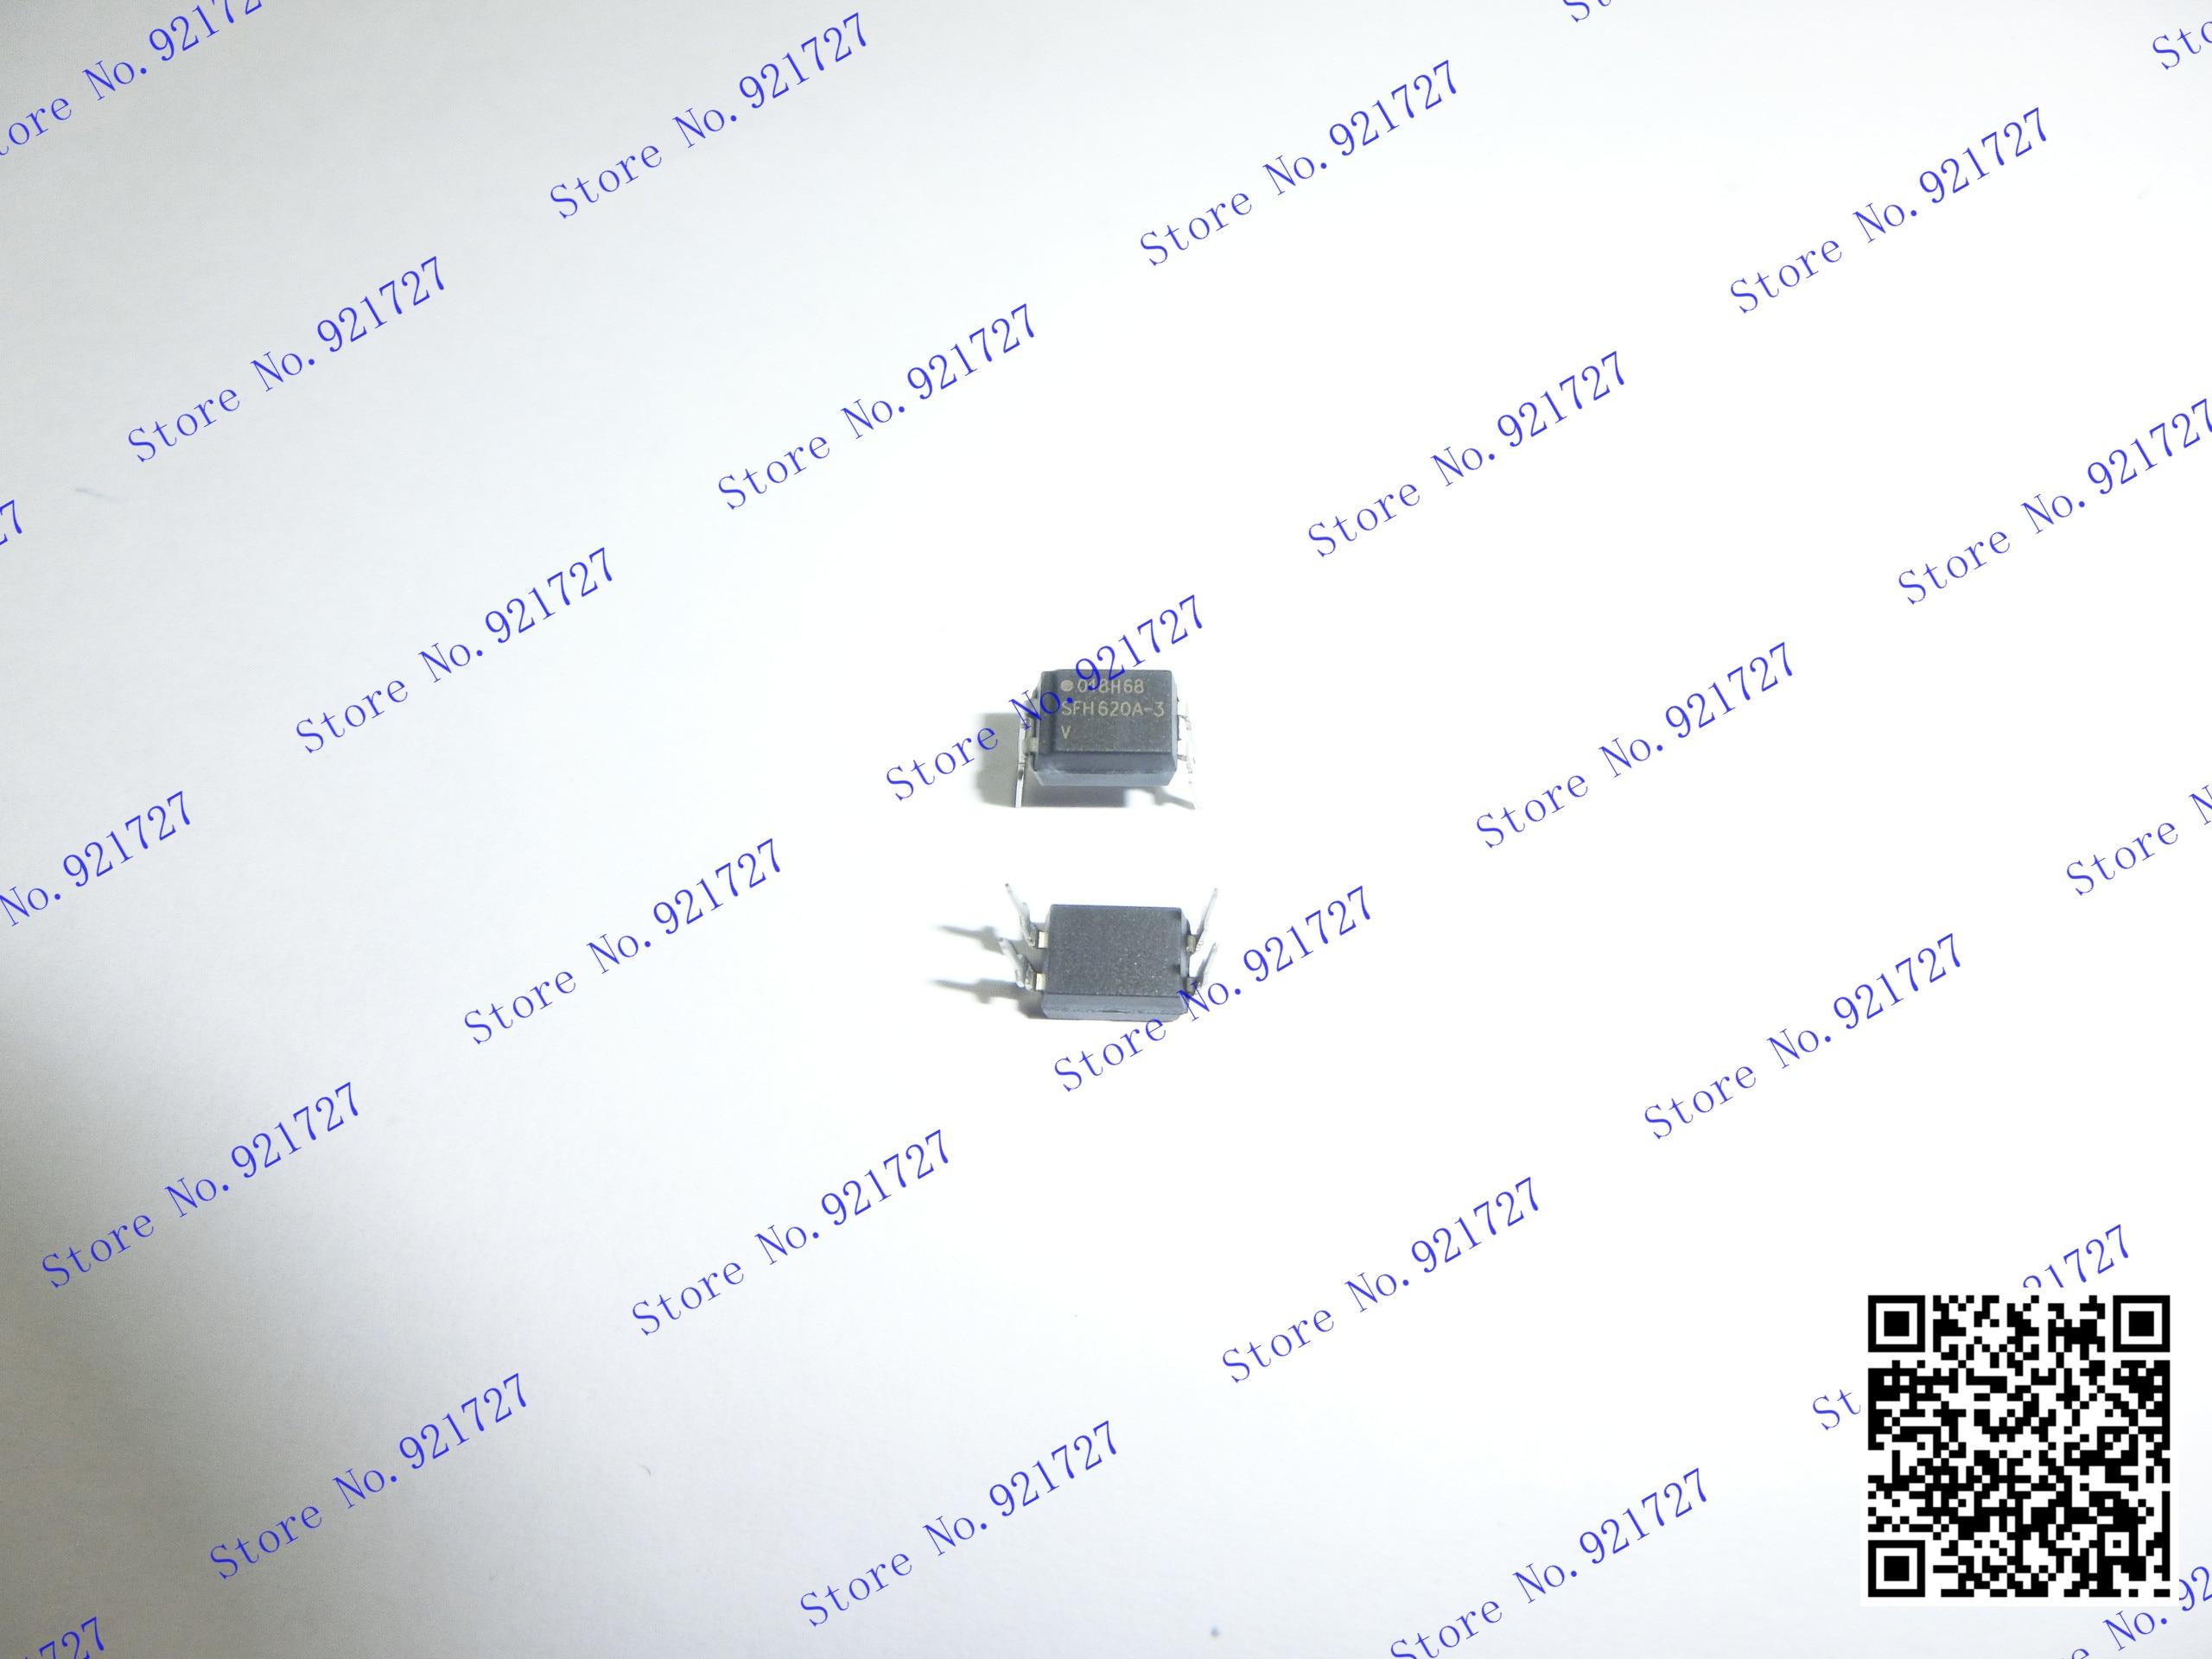 SFH620A-3 SFH620A DIP4 20PCS